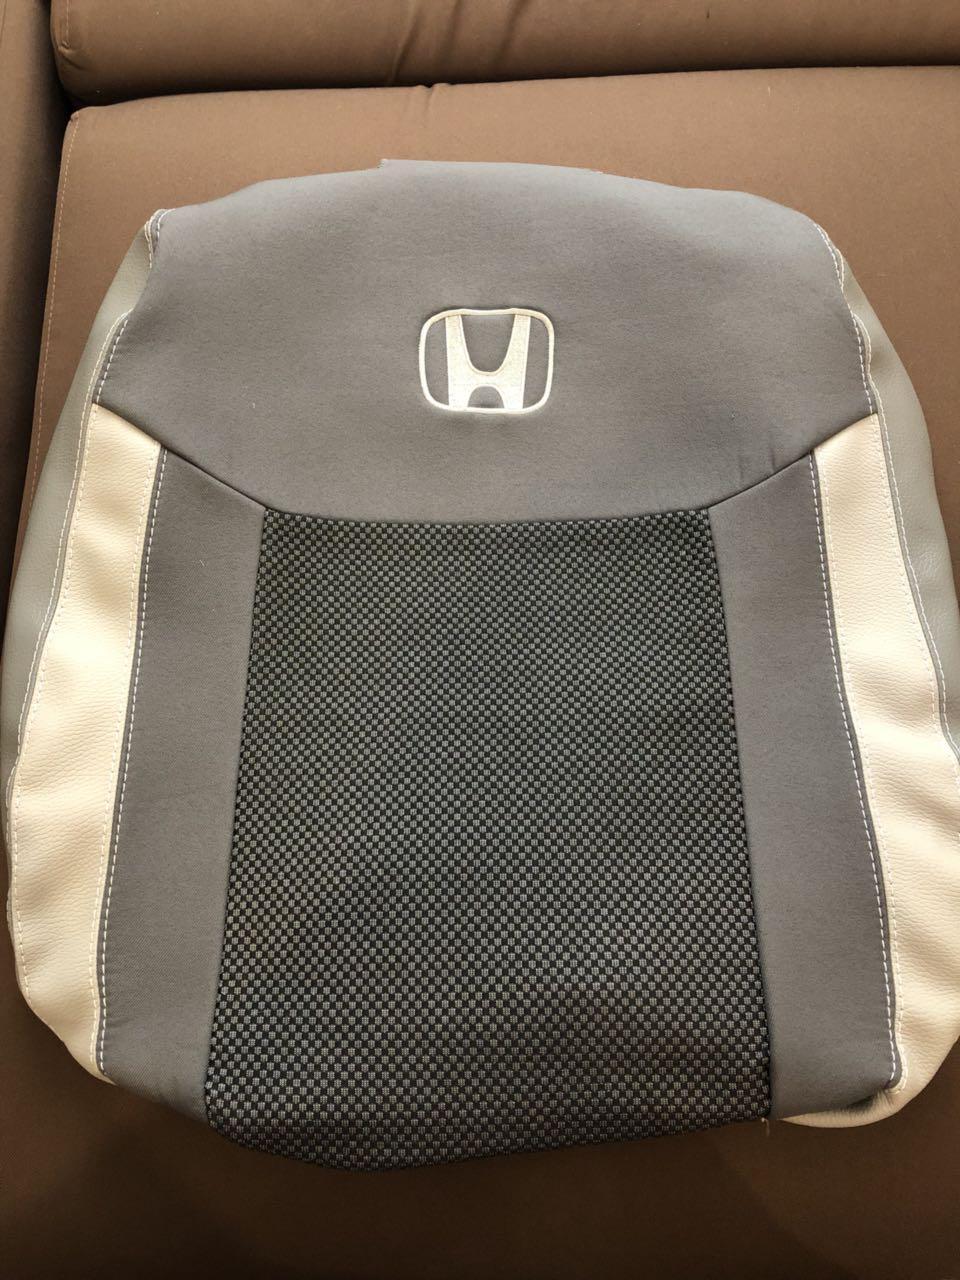 Авточехлы Honda Civic Sedan c 2011 чехлы на для сиденья сидений салона